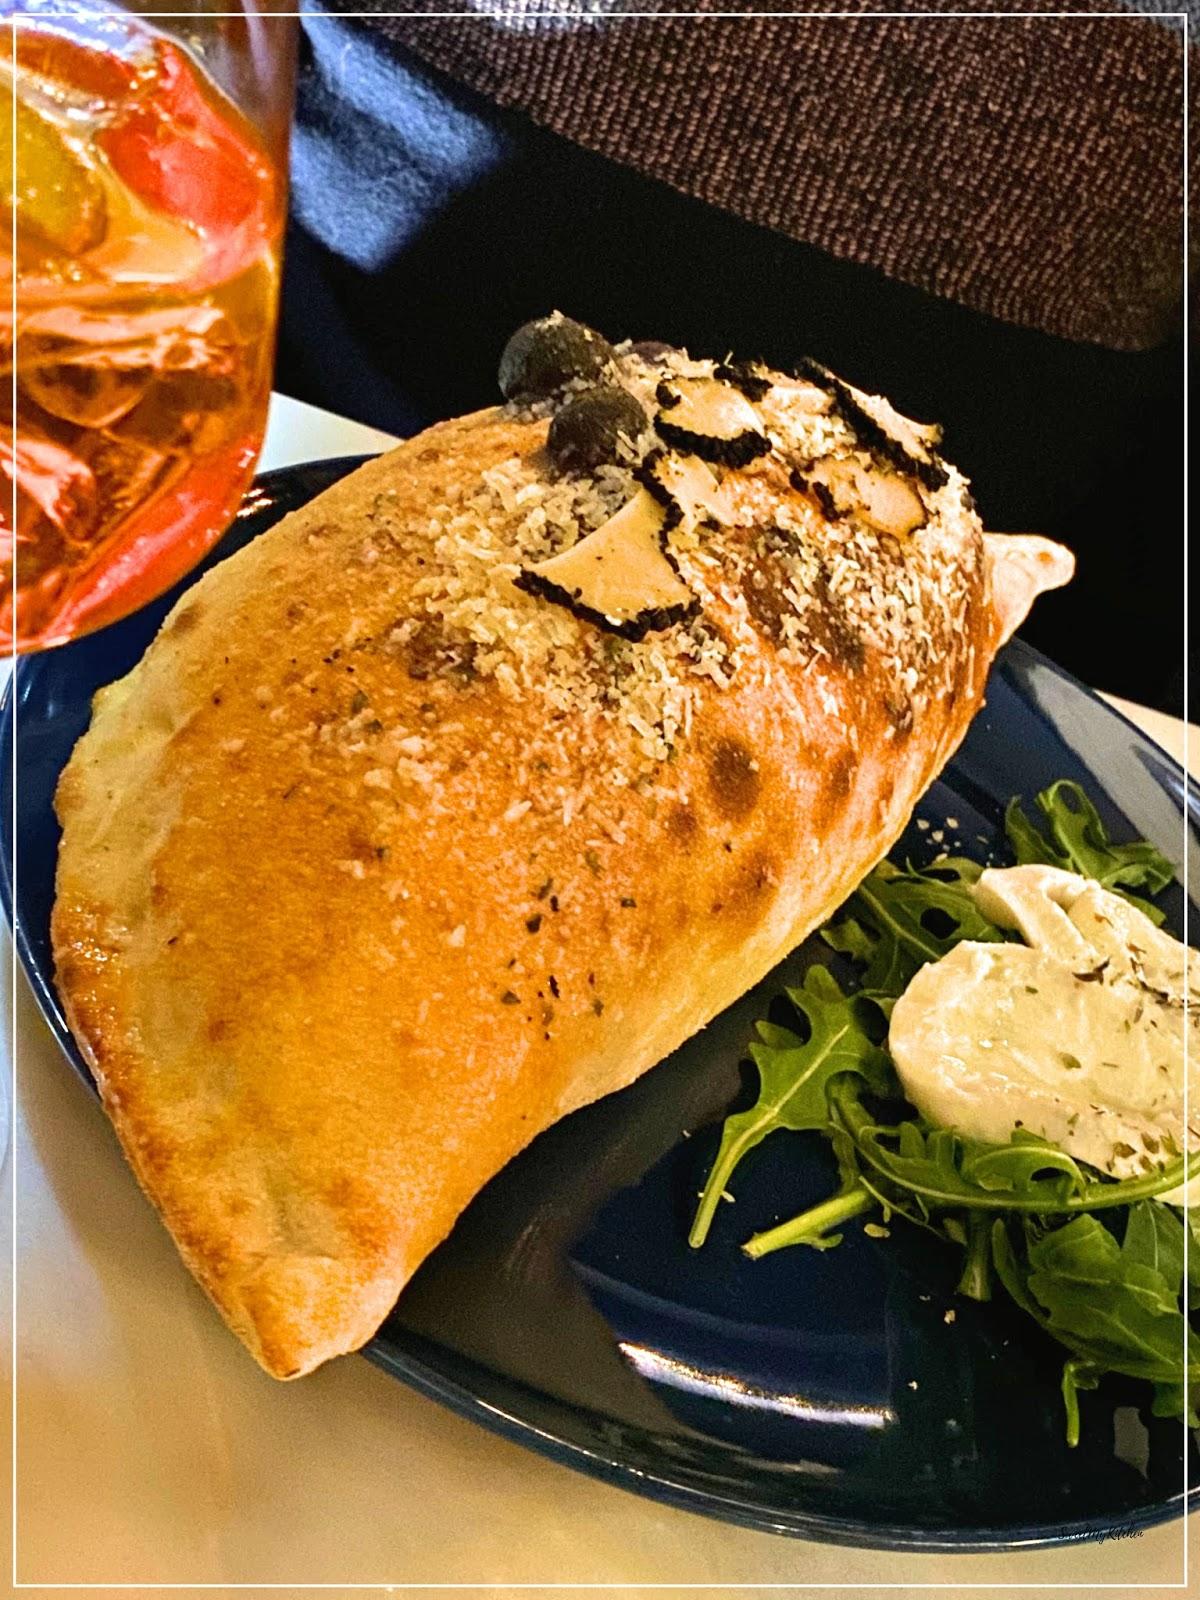 Visconti Chiado restaurante italiano Calzone trufa